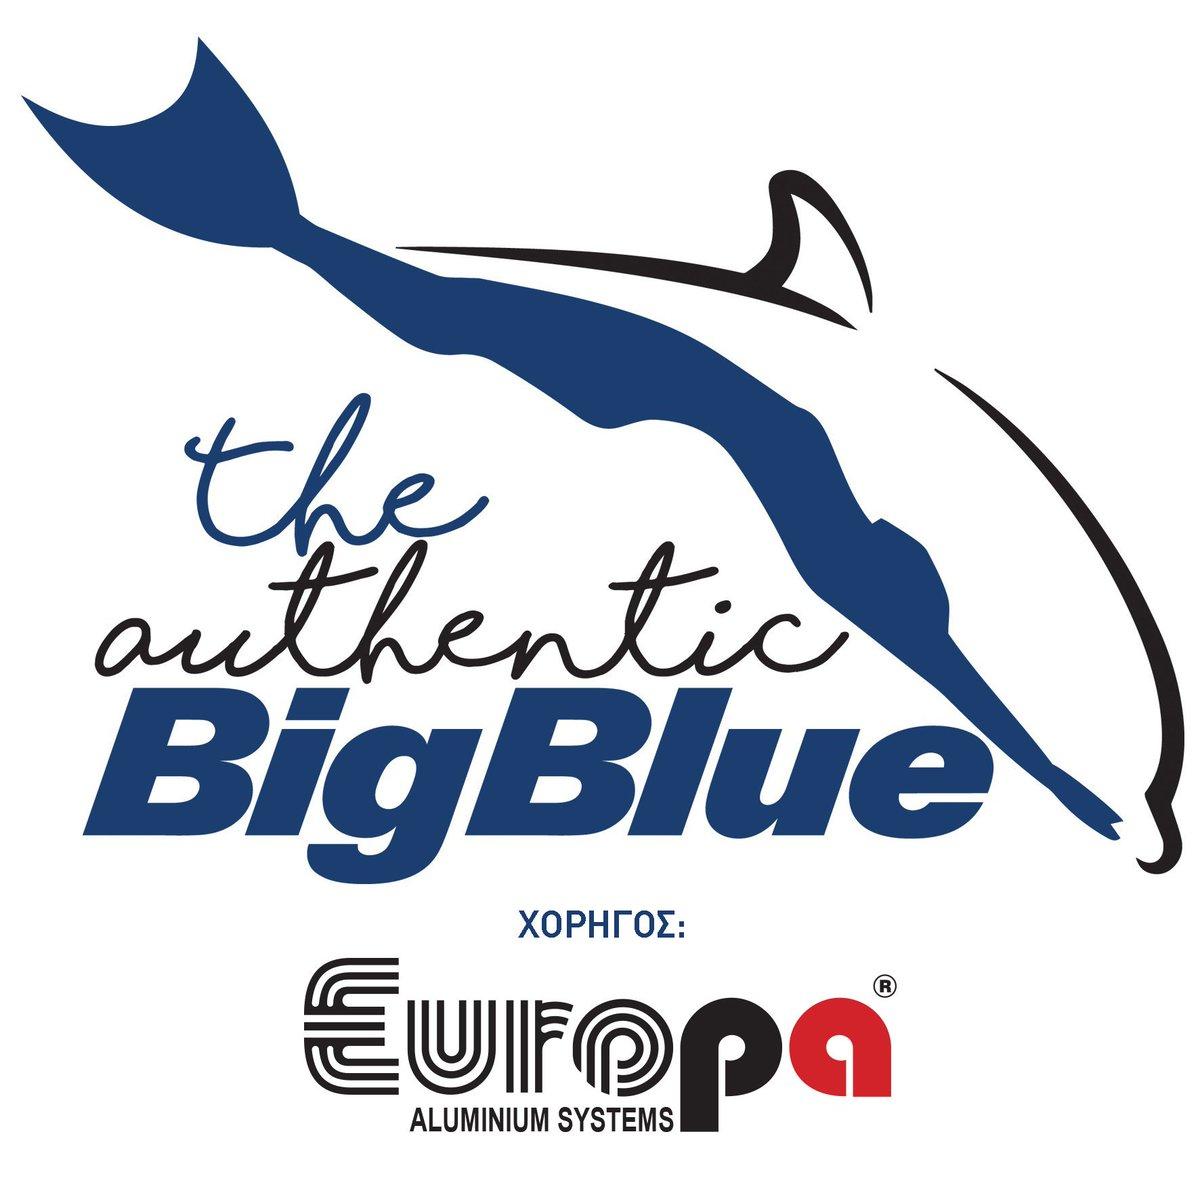 Η @EuropaProfil στηρίζει το 3ο διεθνές τουρνουά ελεύθερης κατάδυσης #AuthenticBigBlue @ 22-29/9 @ #Αμοργός🐬 Το λευκό και το γαλάζιο κρατάνε για πάντα! ⚪️🔵 Το λευκό και το γαλάζιο που εκφράζουν την ελληνικότητα των προϊόντων μας! 🇬🇷 #MiaGiaPanta #EuropaProfil #EuropaΠΑΝΤΟΥ 💙 https://t.co/ibahWMYX9P